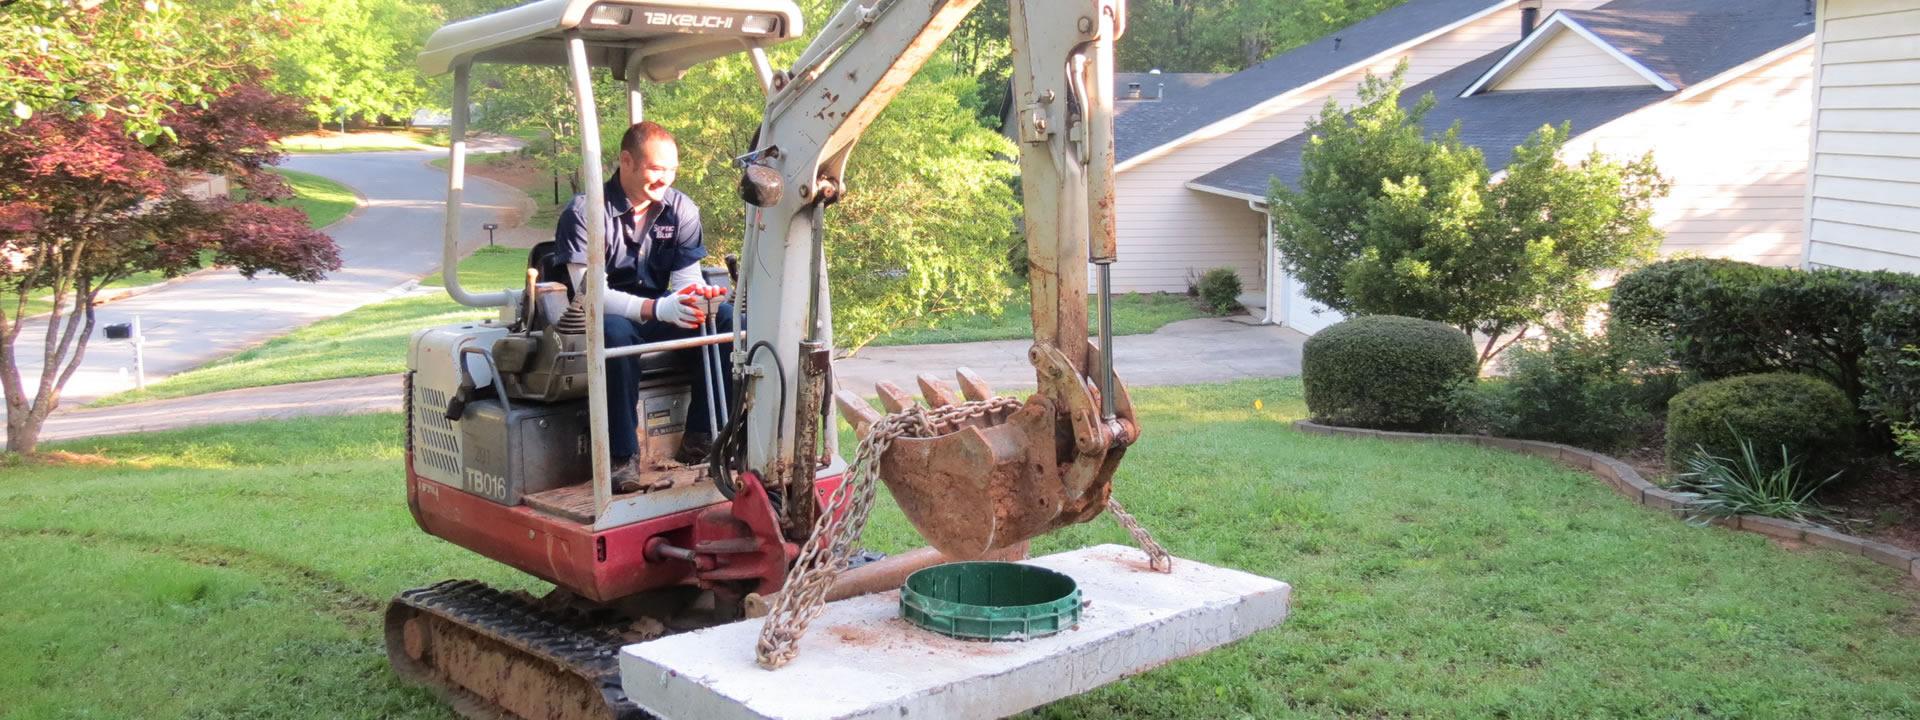 septic tank repair in durham - Septic Tank Maintenance